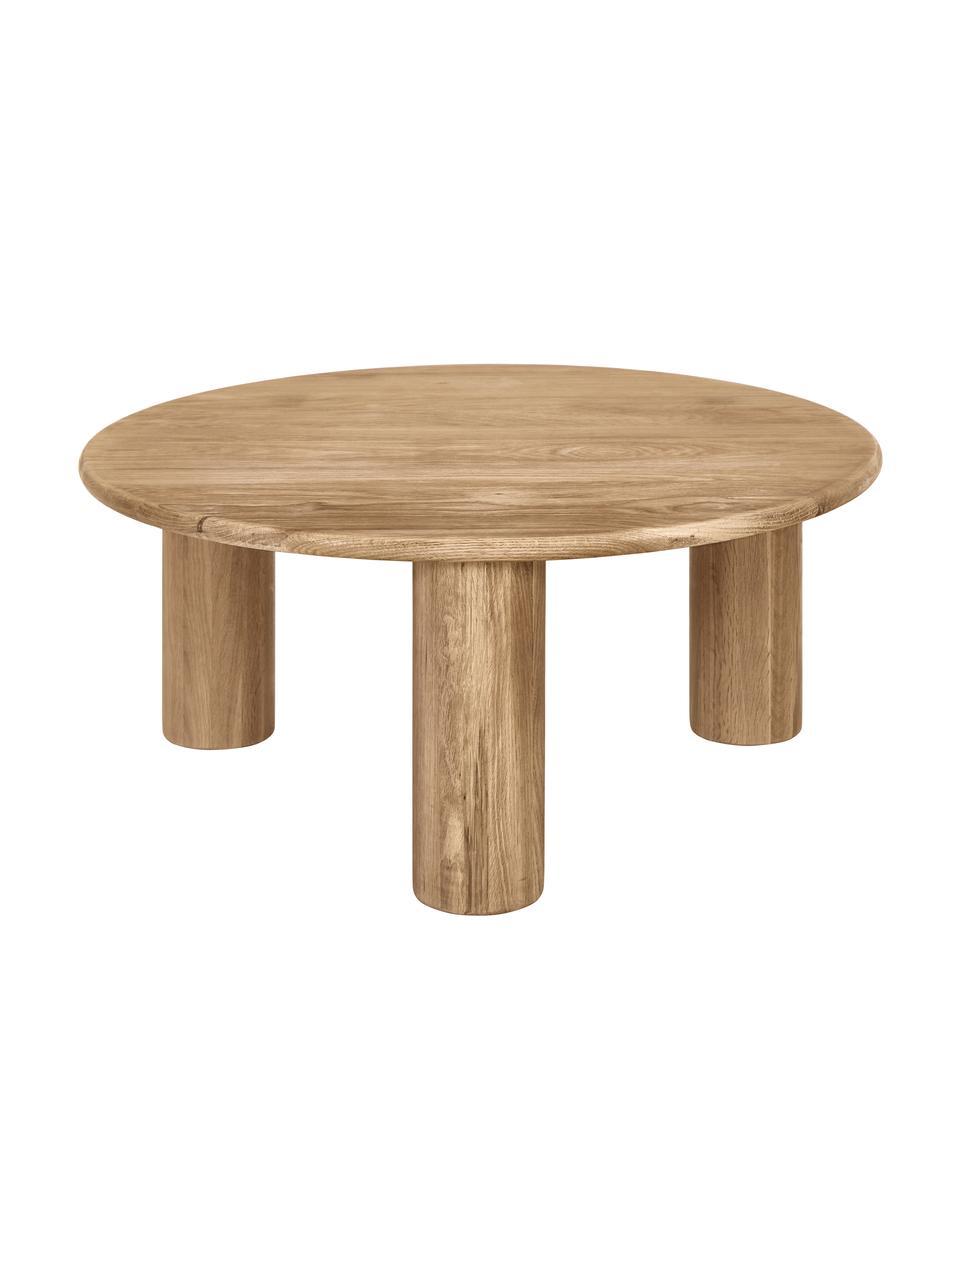 Tavolino rotondo da salotto in legno di quercia Didi, Legno massiccio di quercia oliato, Marrone, Ø 80 x Alt. 35 cm